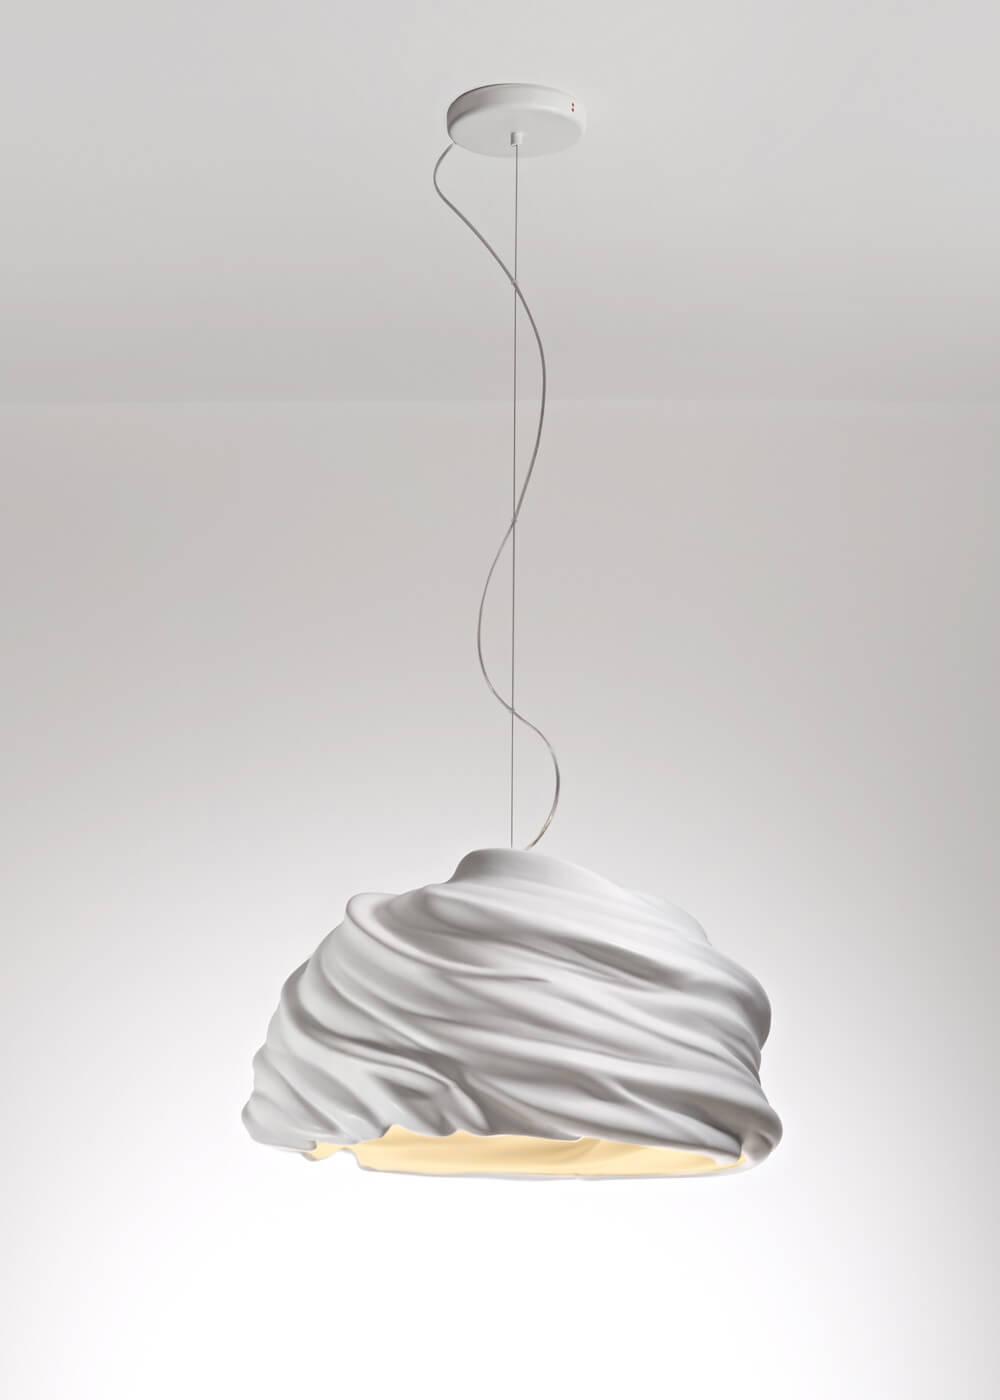 Fajna, nowoczesna lampa włoska do salonu by Fabbian